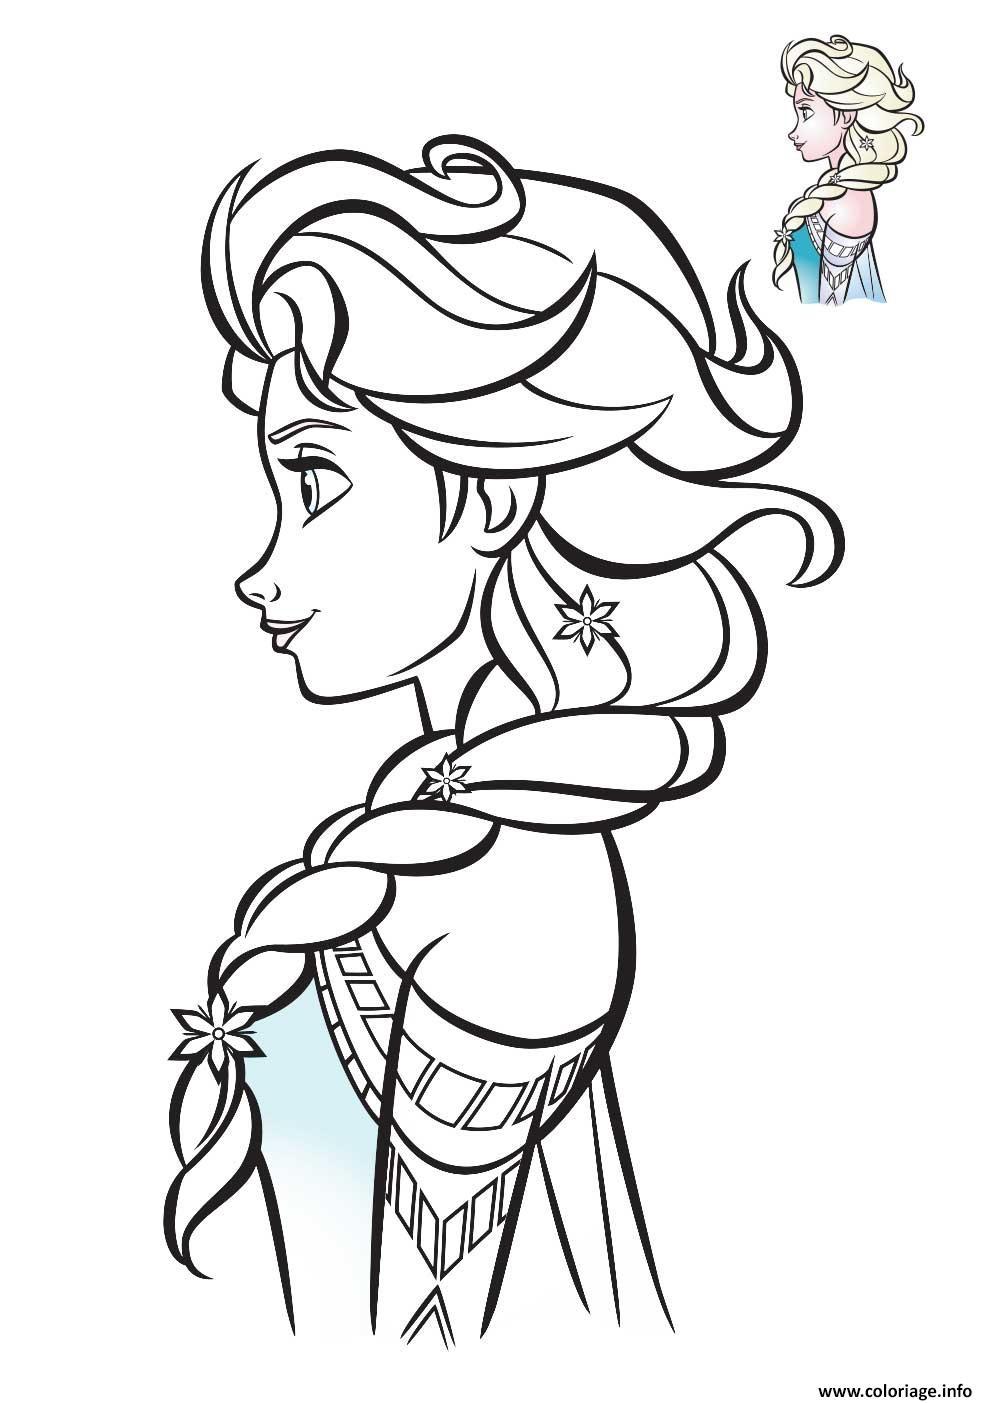 Coloriage elsa reine des neiges de profil 2018 dessin - Jeux gratuit la reine des neige ...